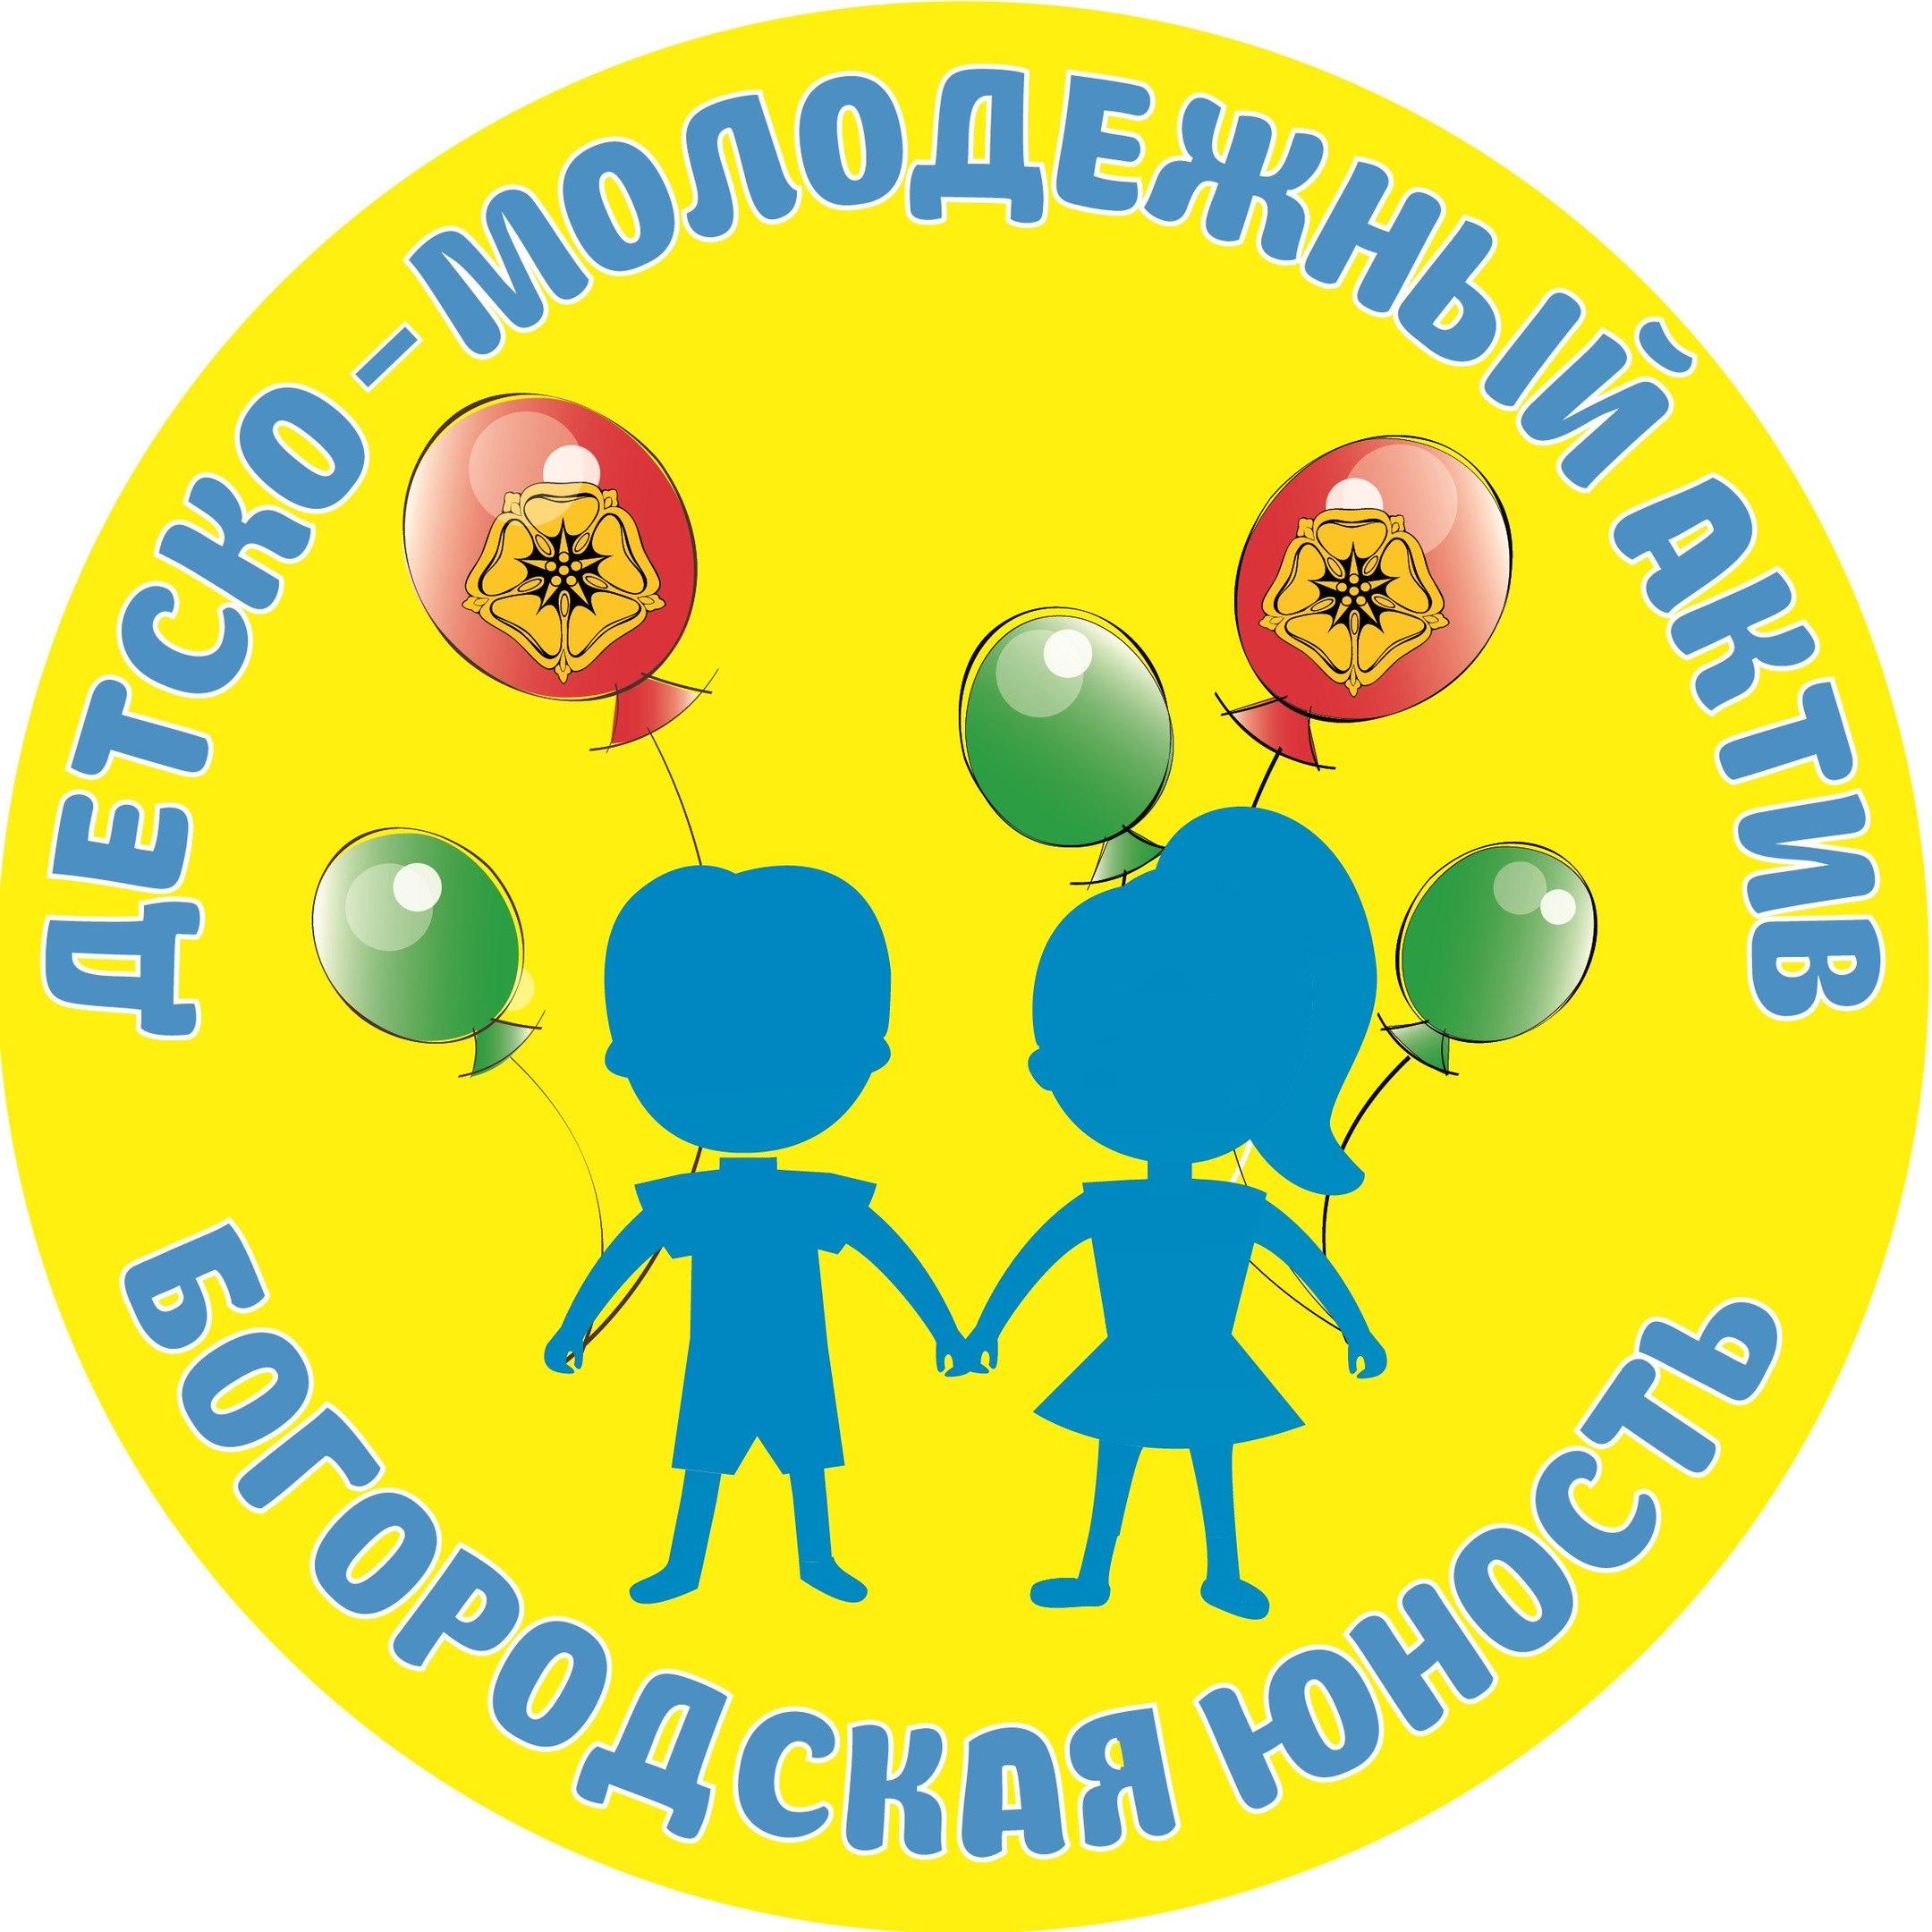 детско-молодежный актив